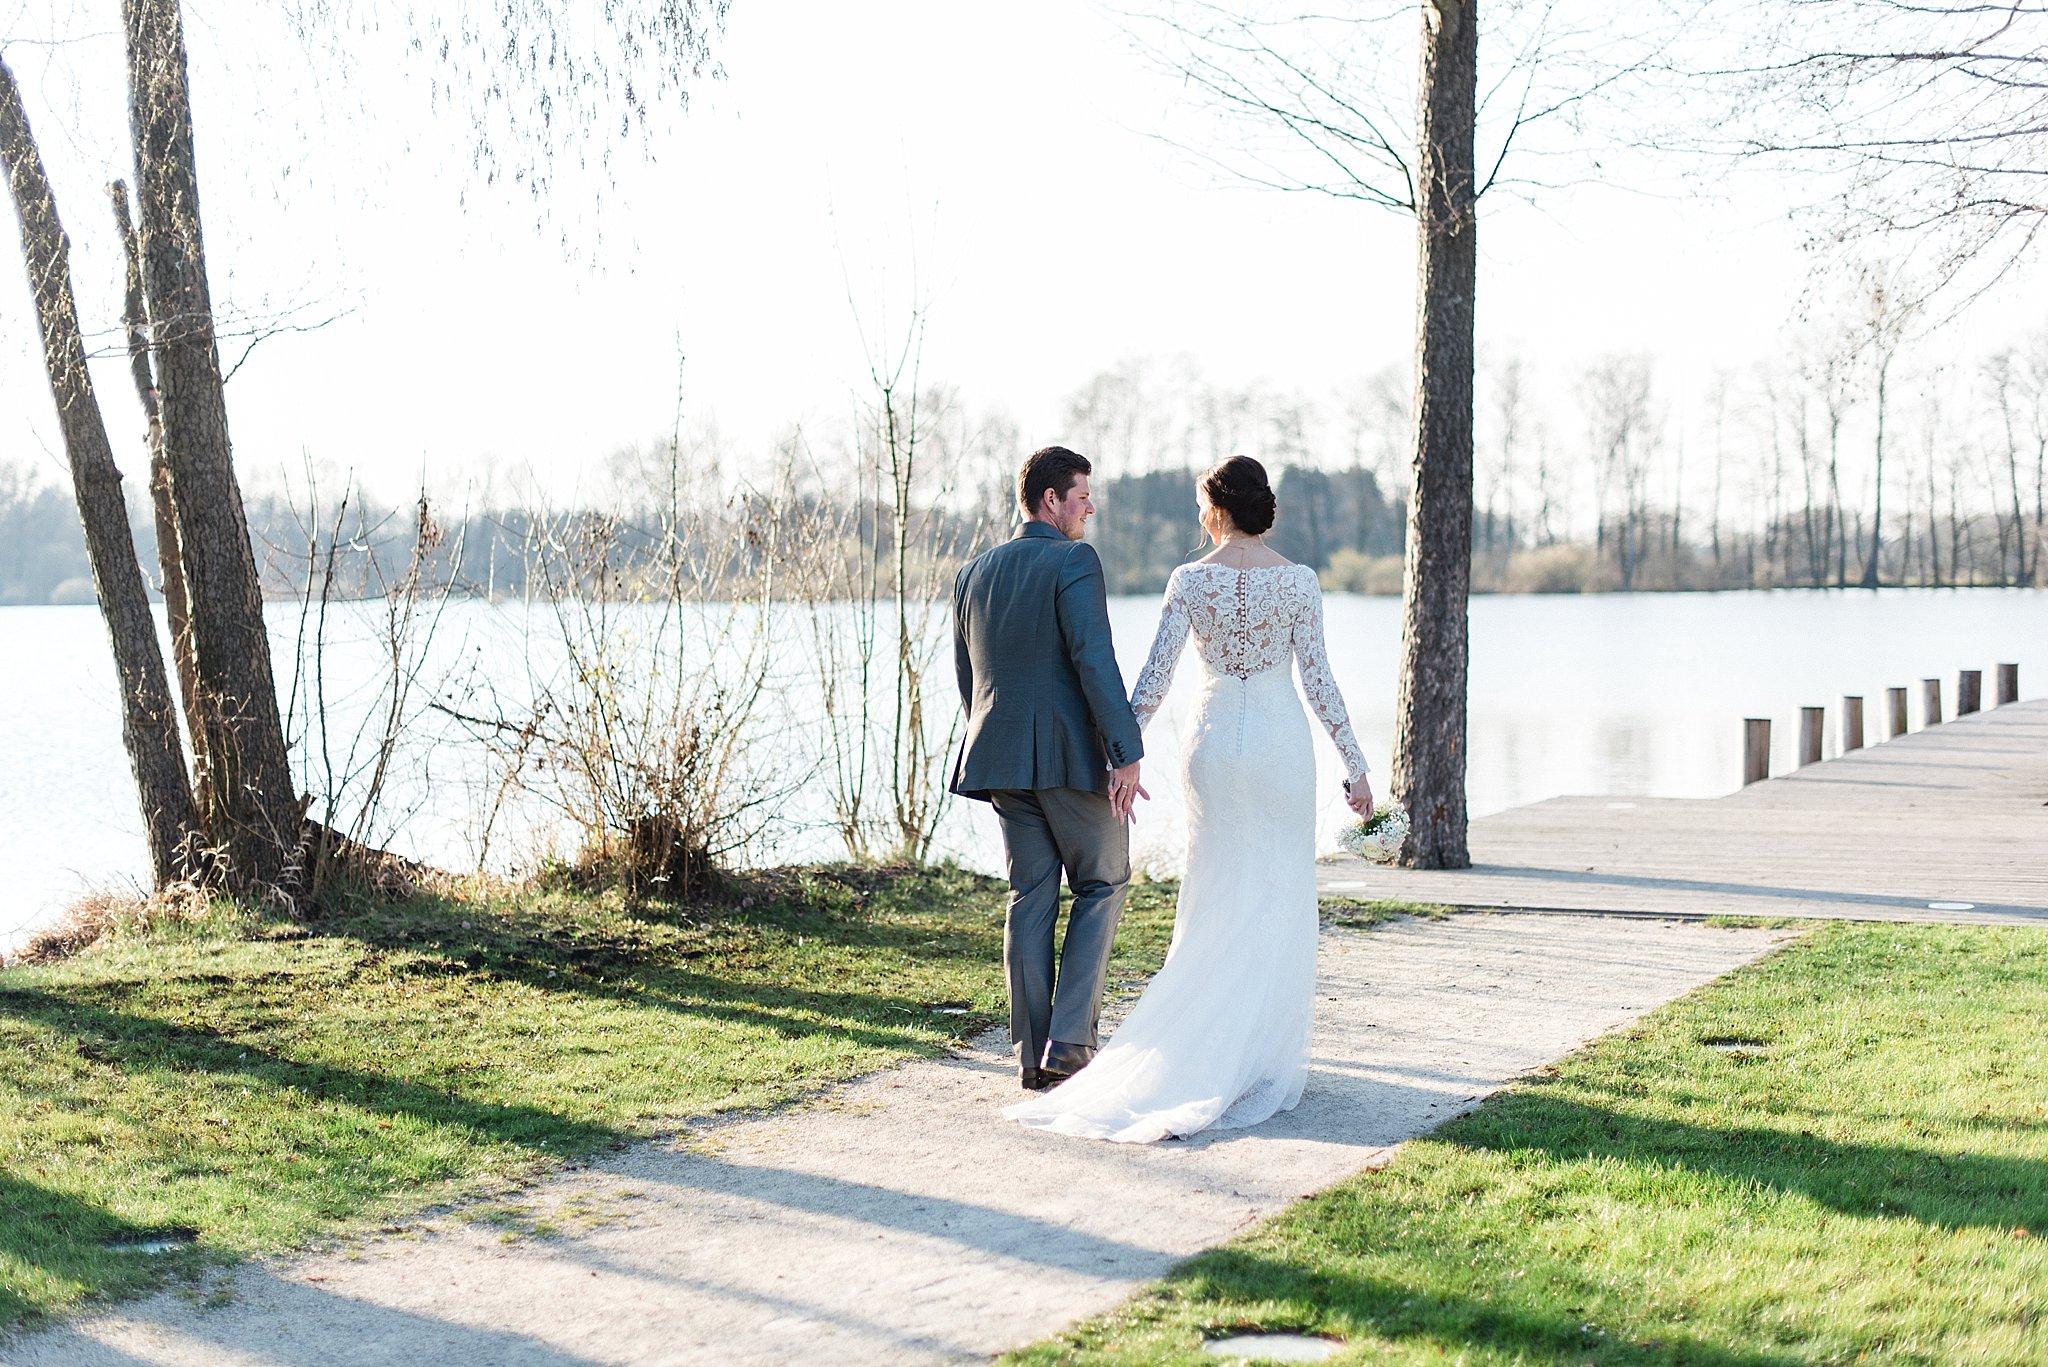 Hochzeitsfotograf-Oberpfalz-Bayern_Innovision-Center-Weiherhammer_2337